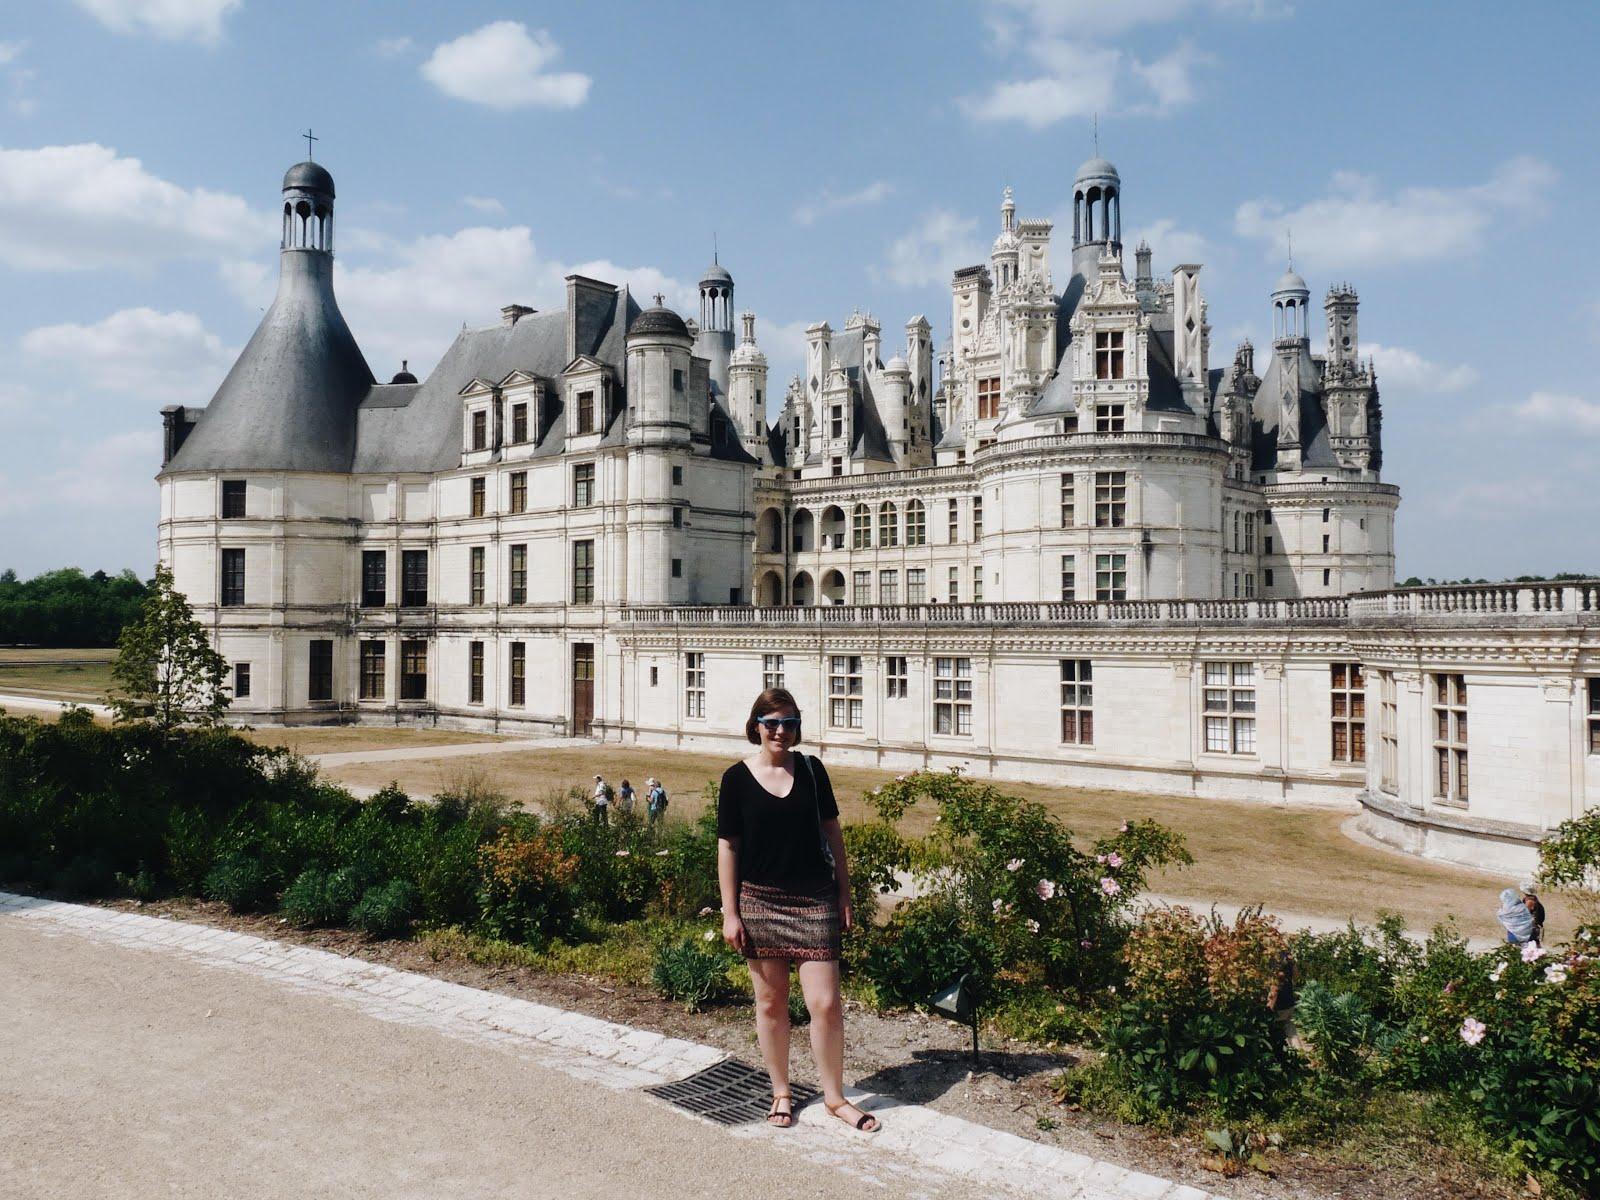 chambord châteaux de la loire Loire Valley été vacances visite summer